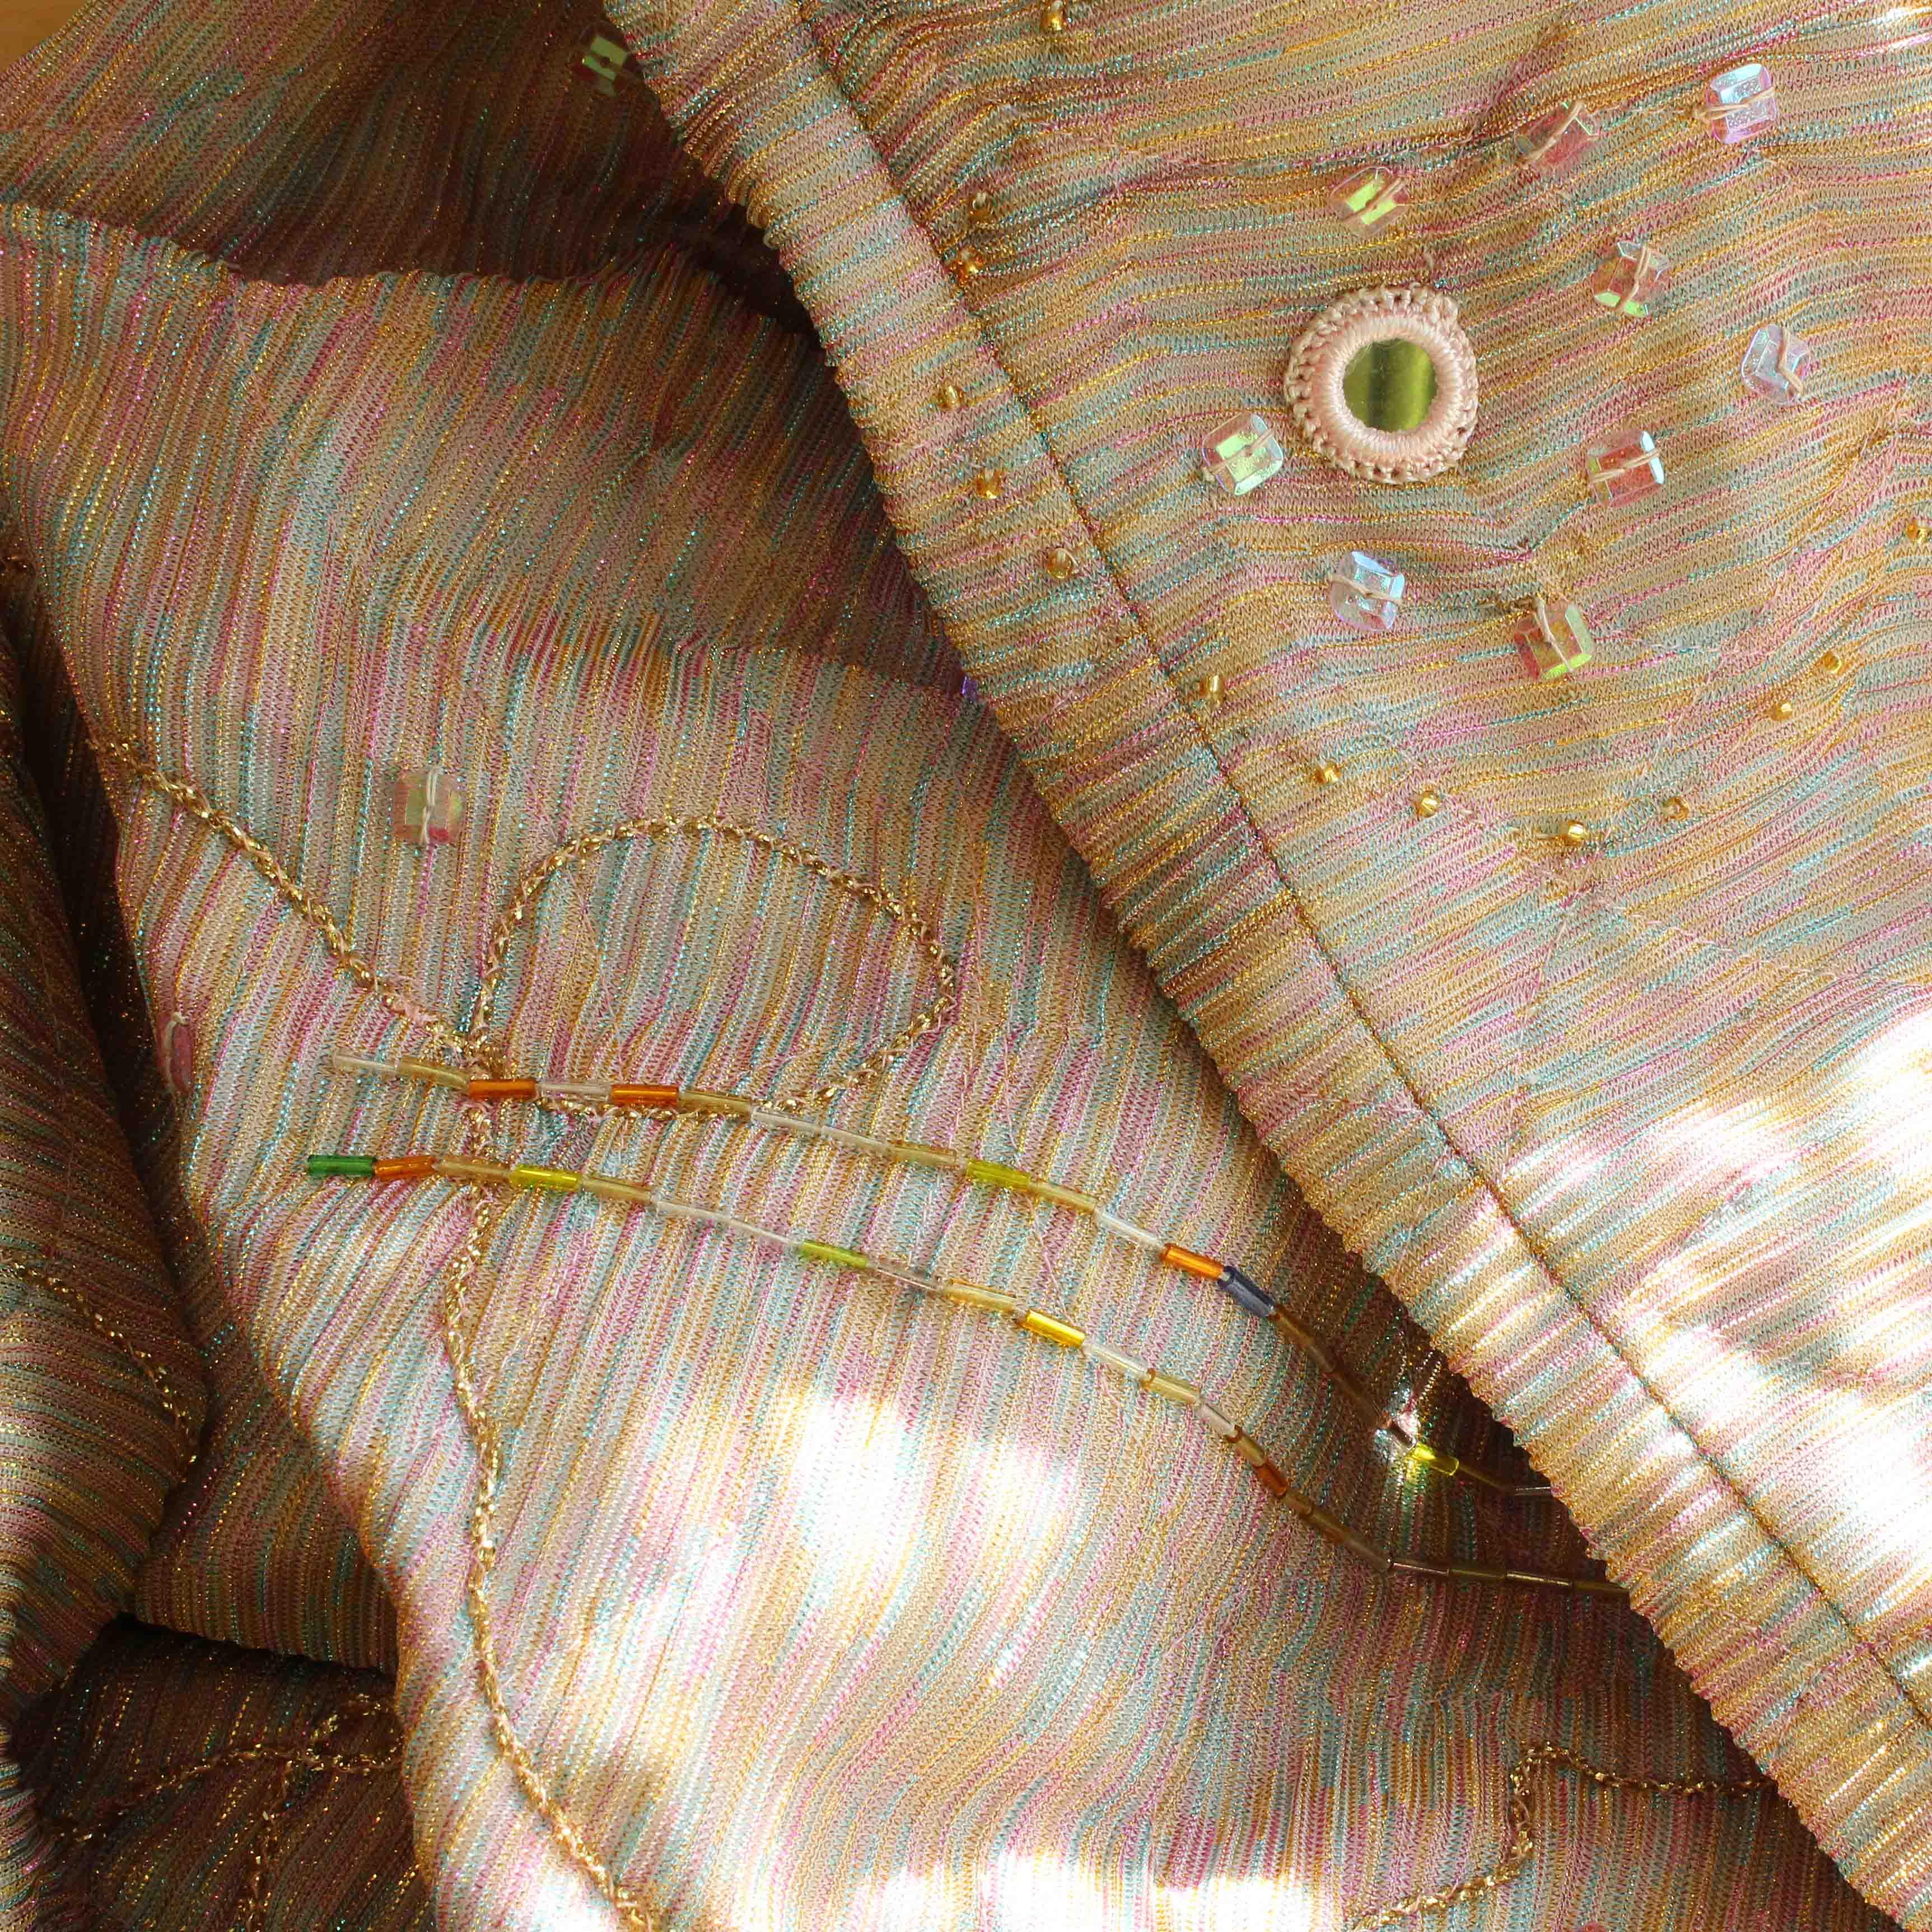 Närbild på kostymen. På bilden ser vi tyget som glittrar i rosa, gult, ljusblått och silver, med detaljer som broderier, pärlor och knappar.